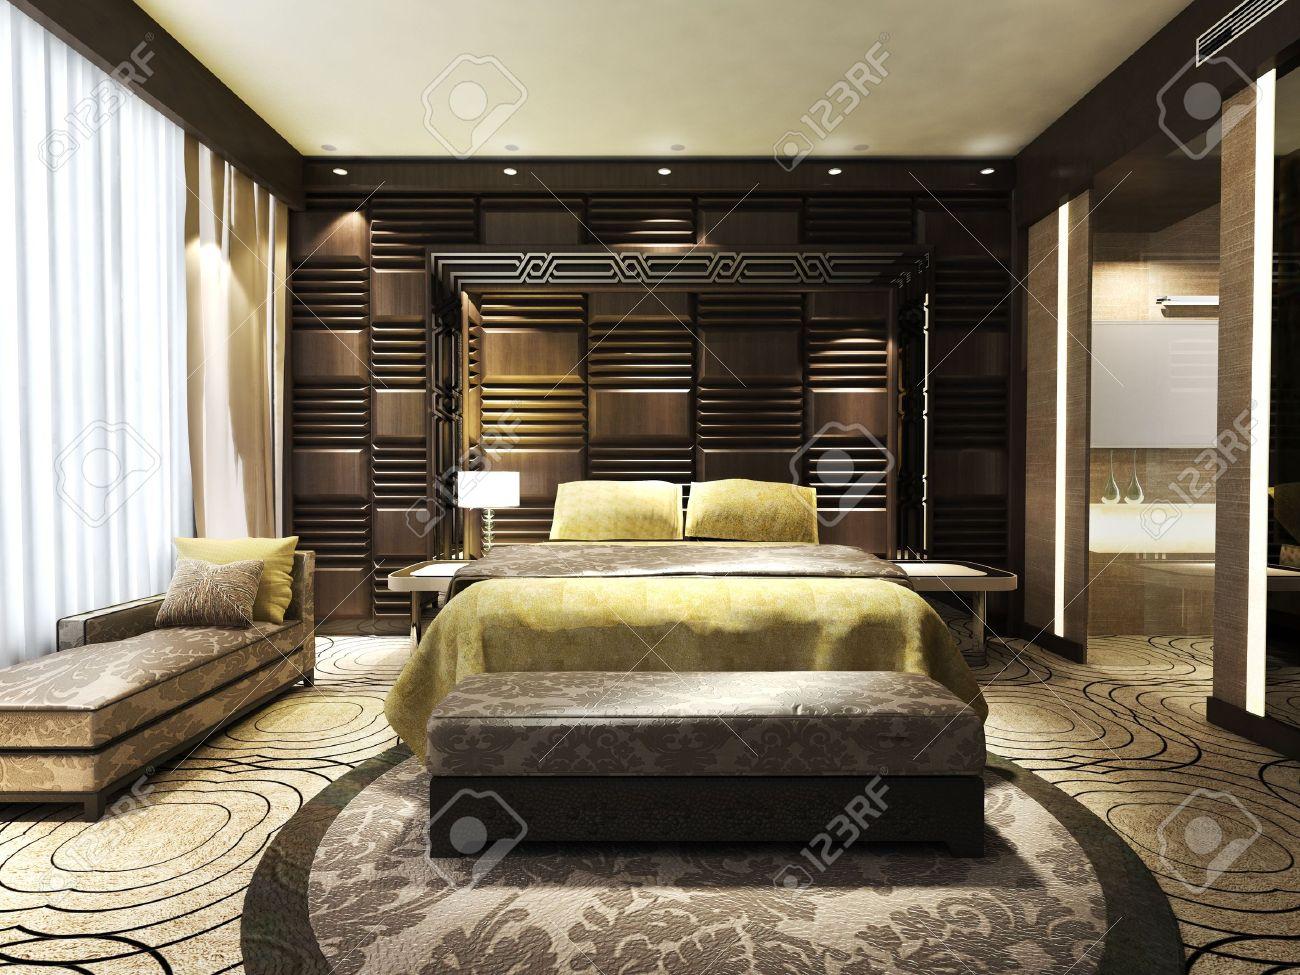 Chambre à coucher moderne des résidences ou hôtels de style minimaliste